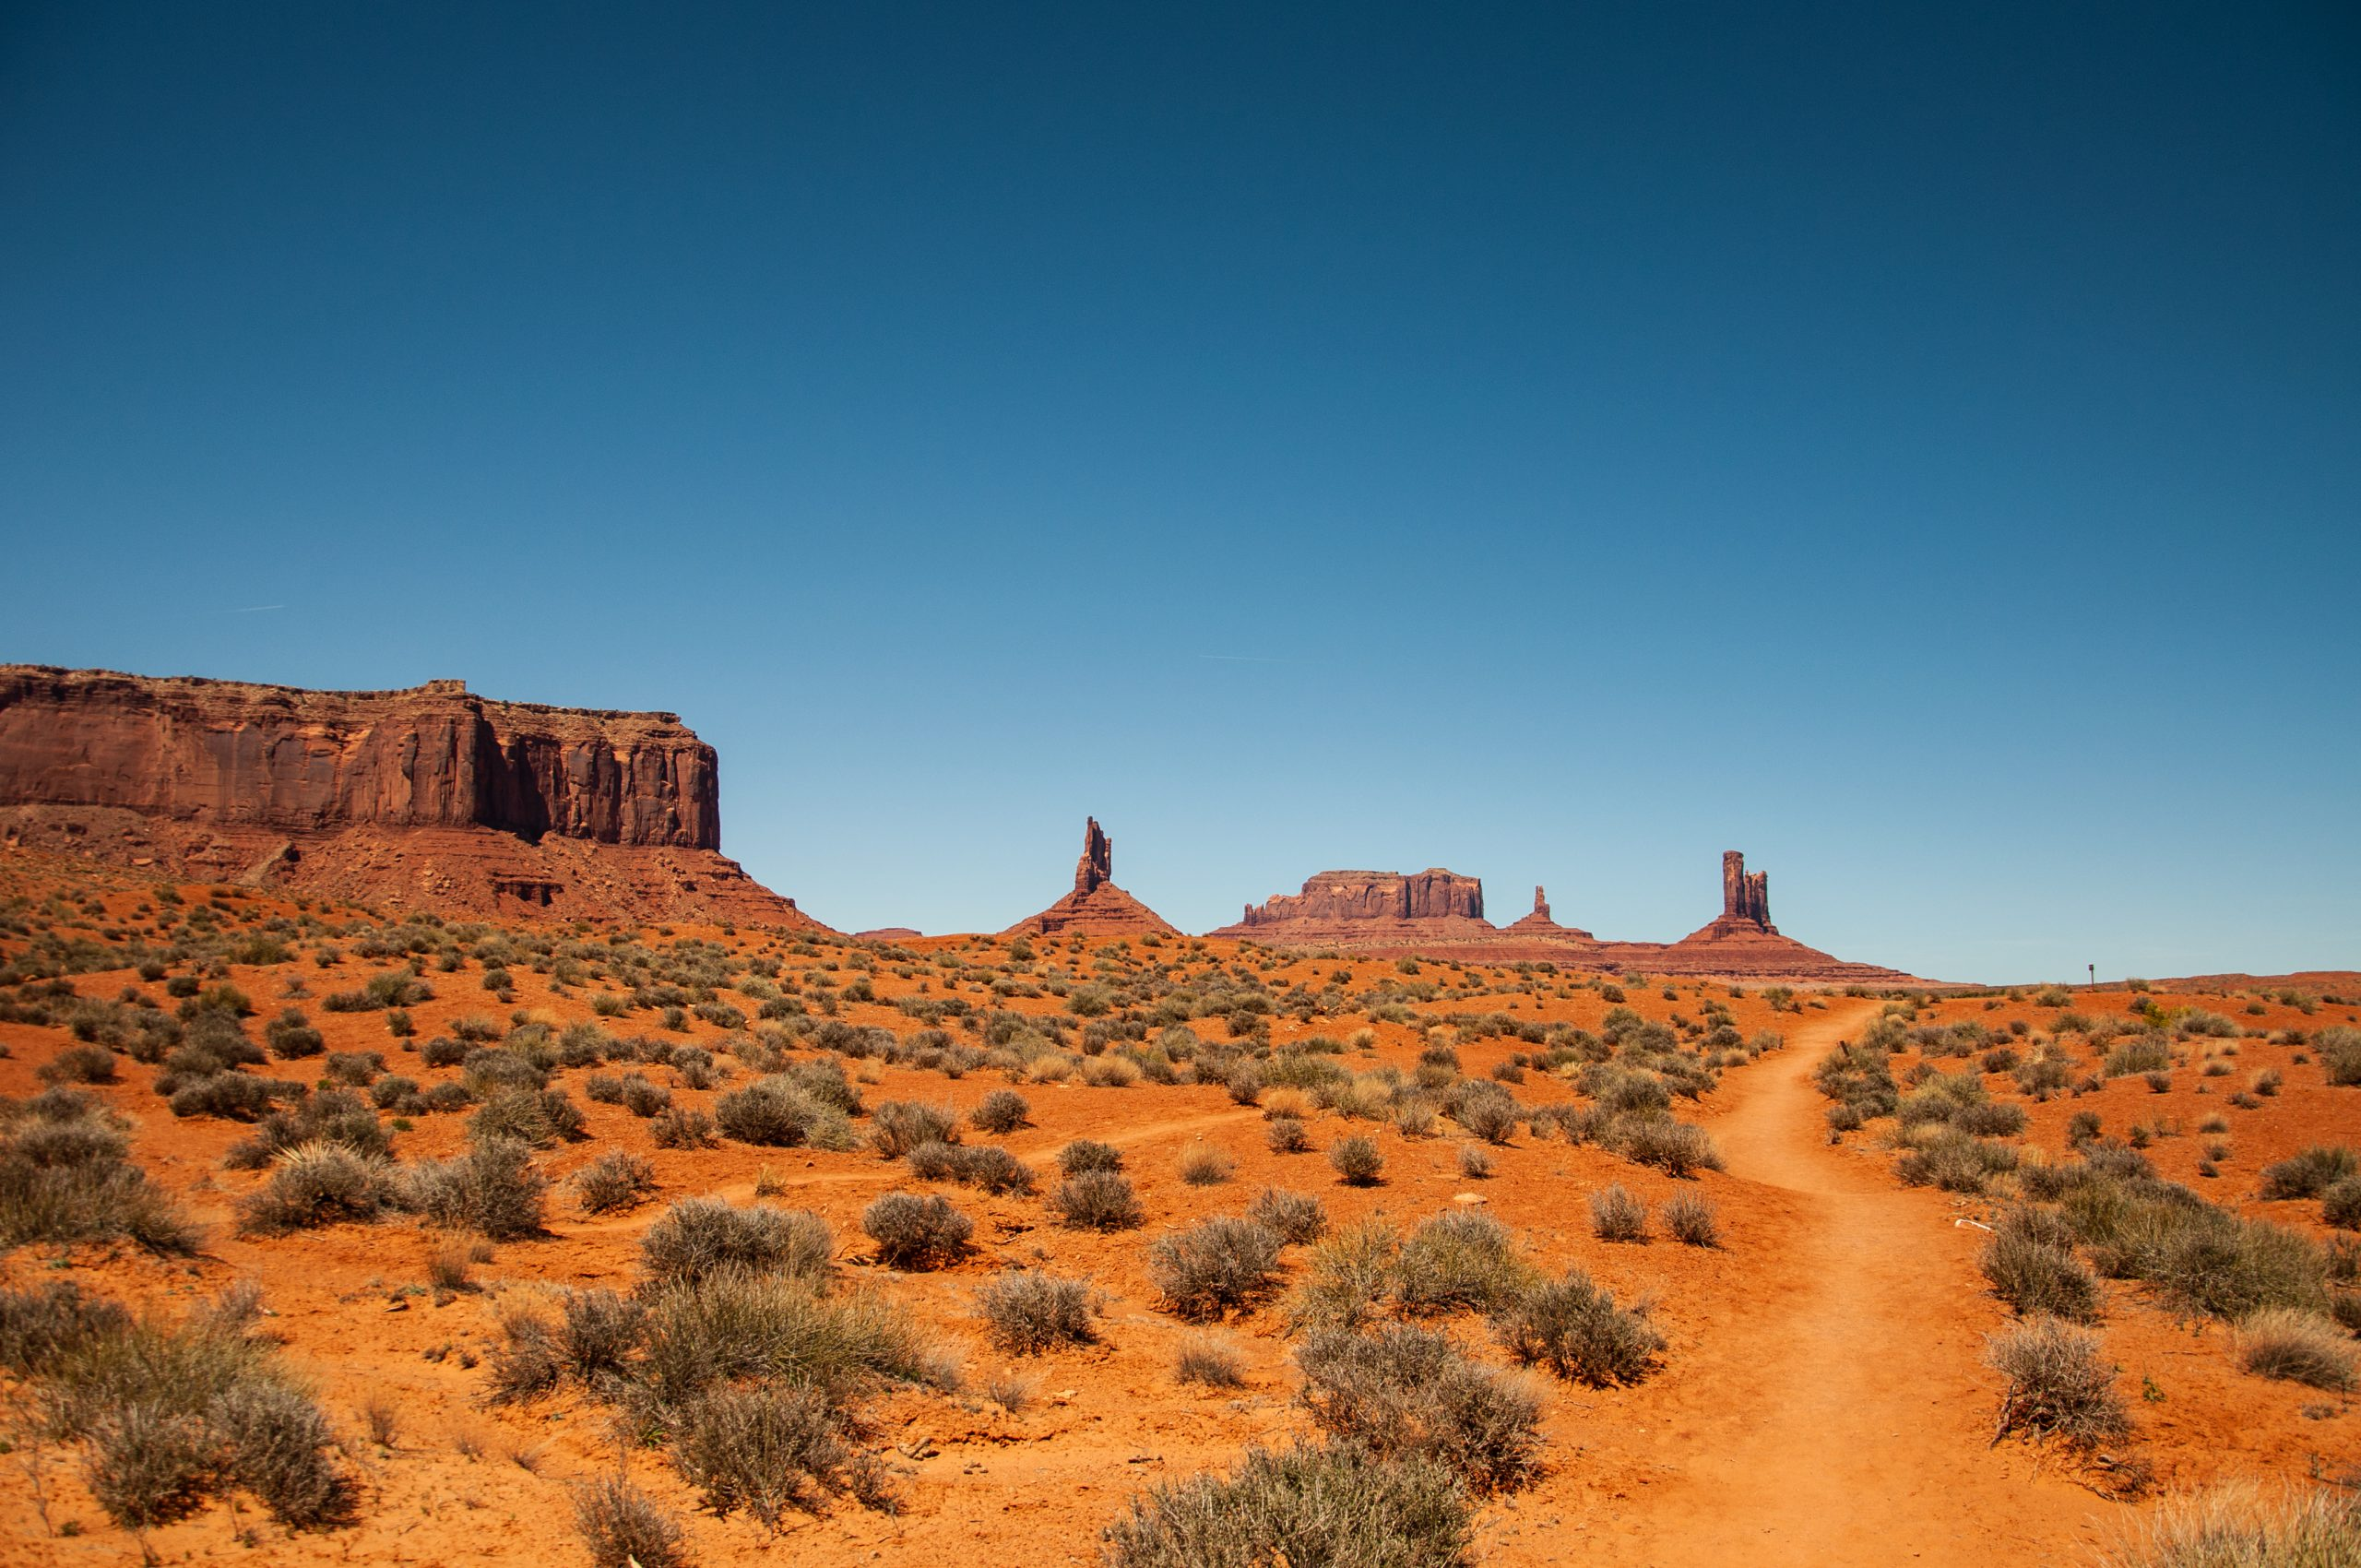 Monument-valley-viaggio-parchi-americani